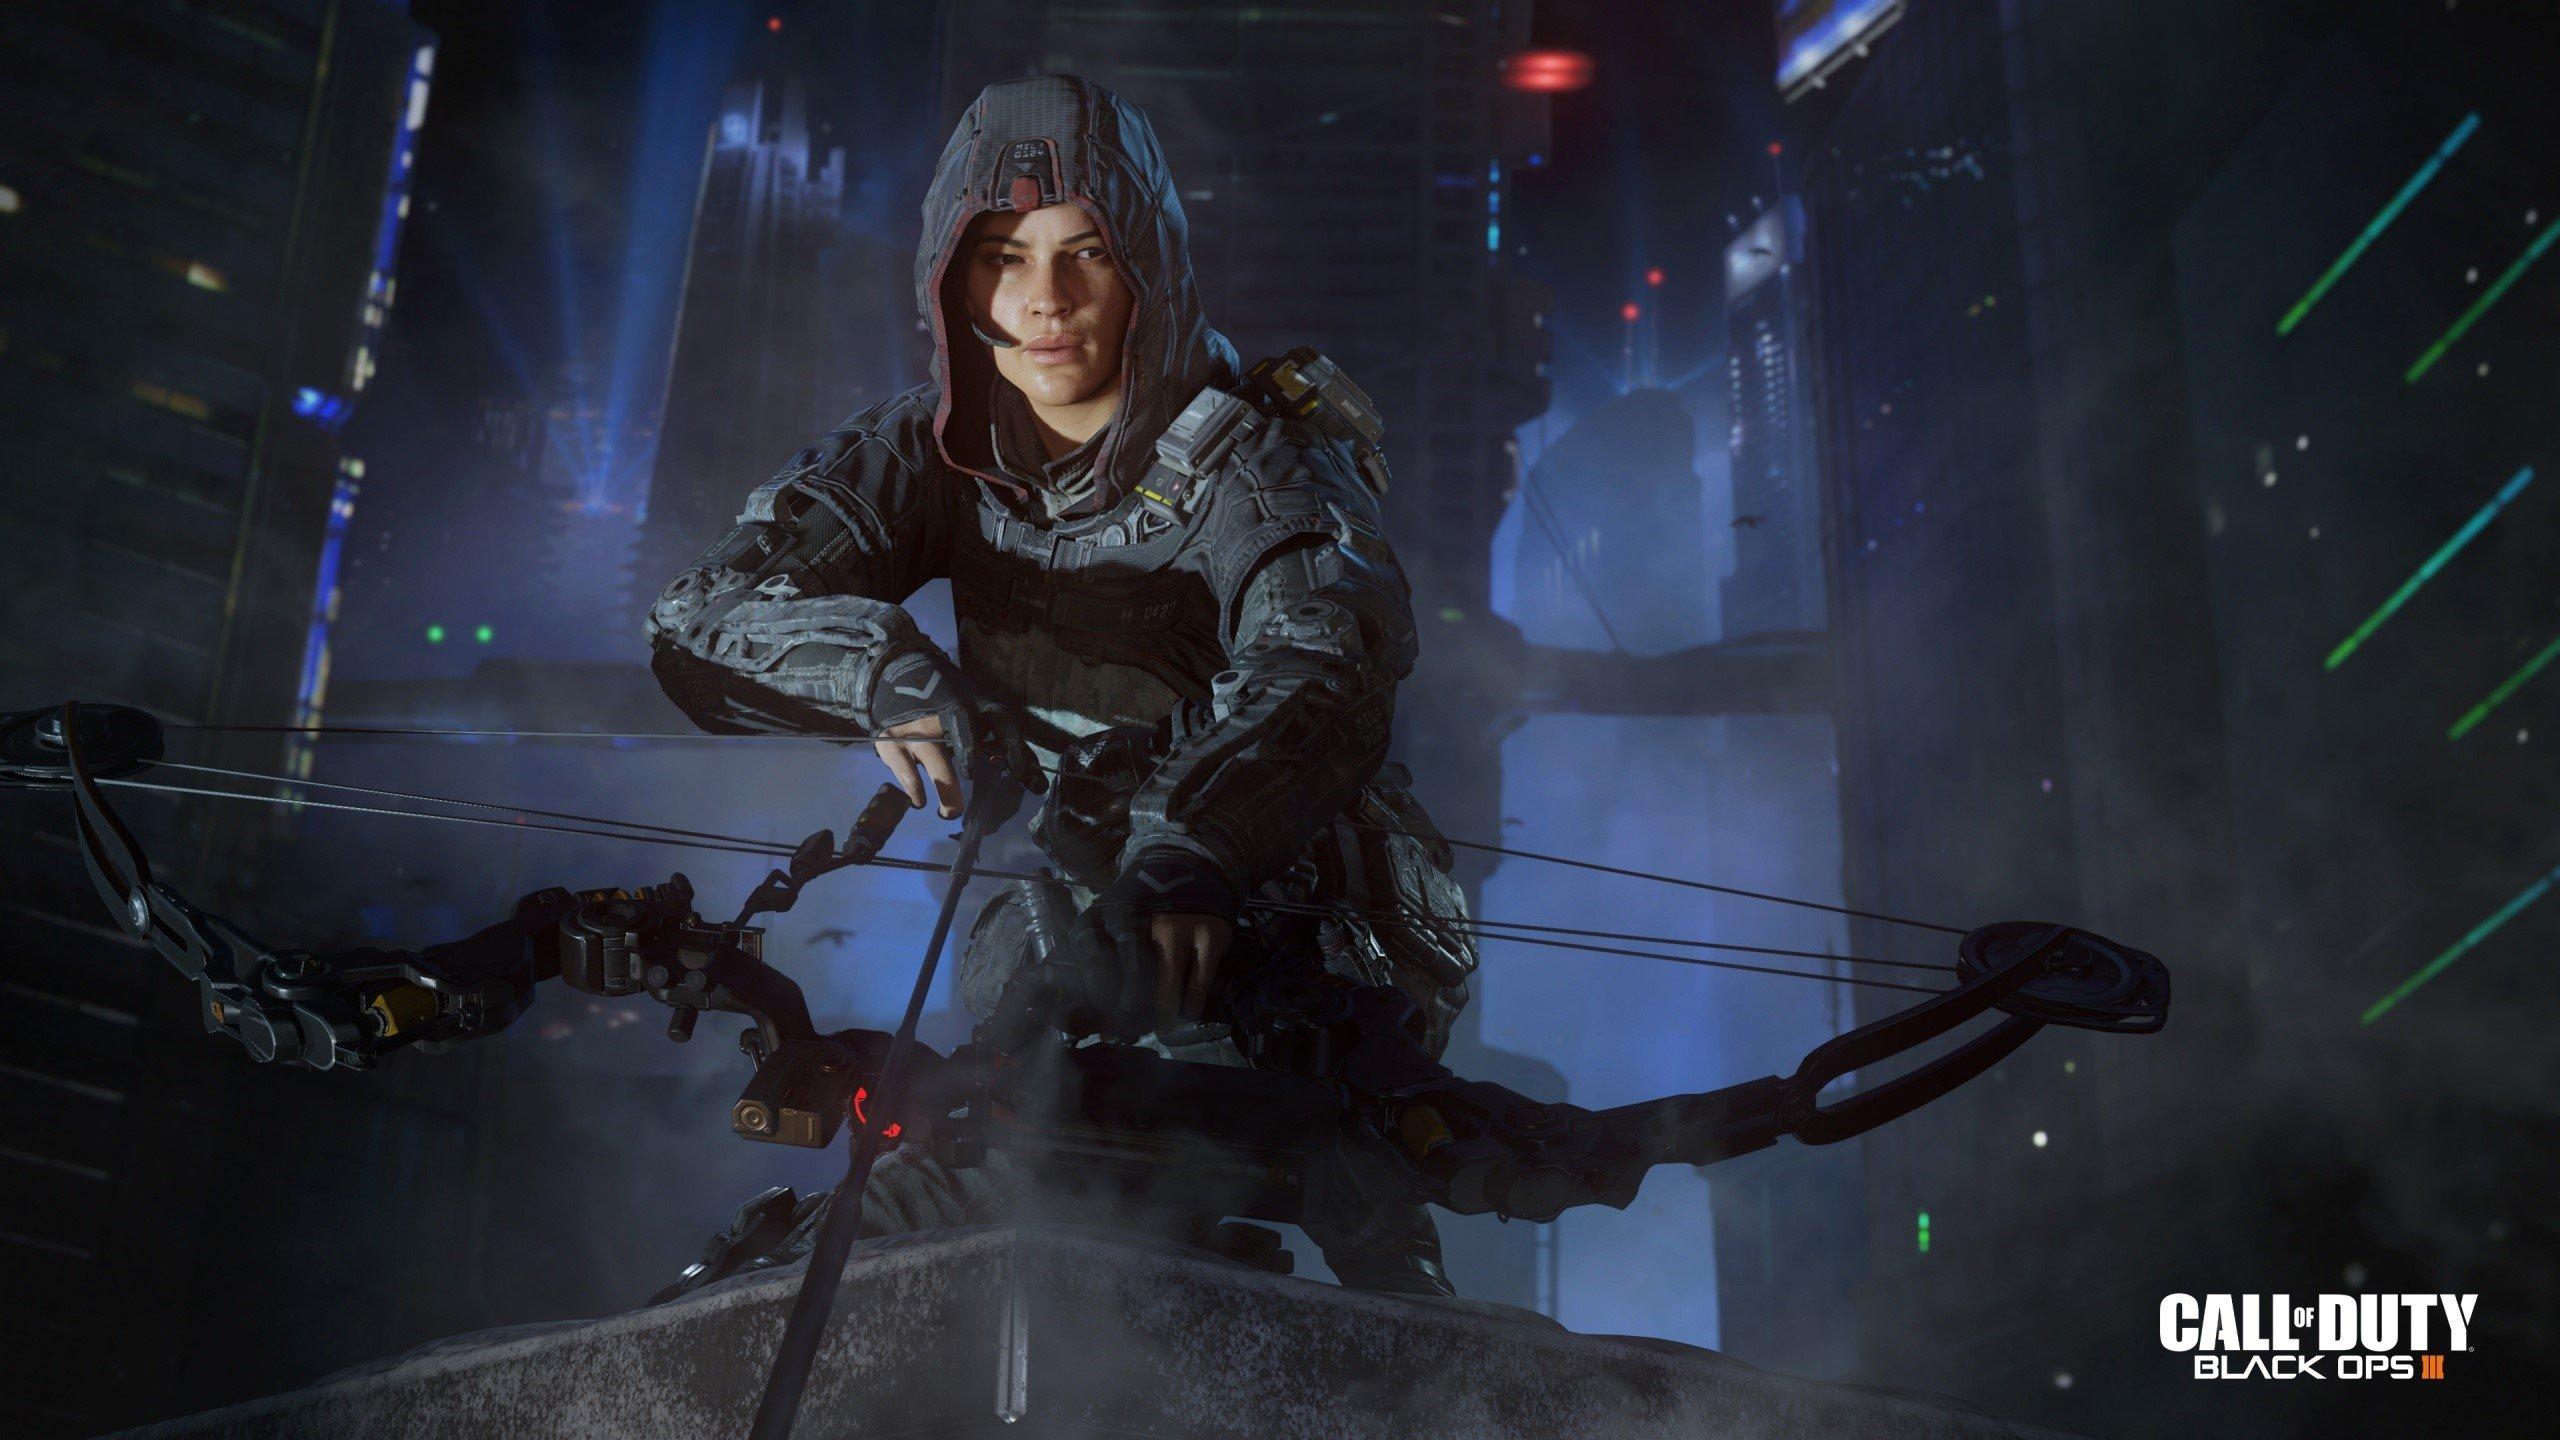 Fondo de pantalla de Specialist Outrider de Call of duty Black Ops 3 Imágenes